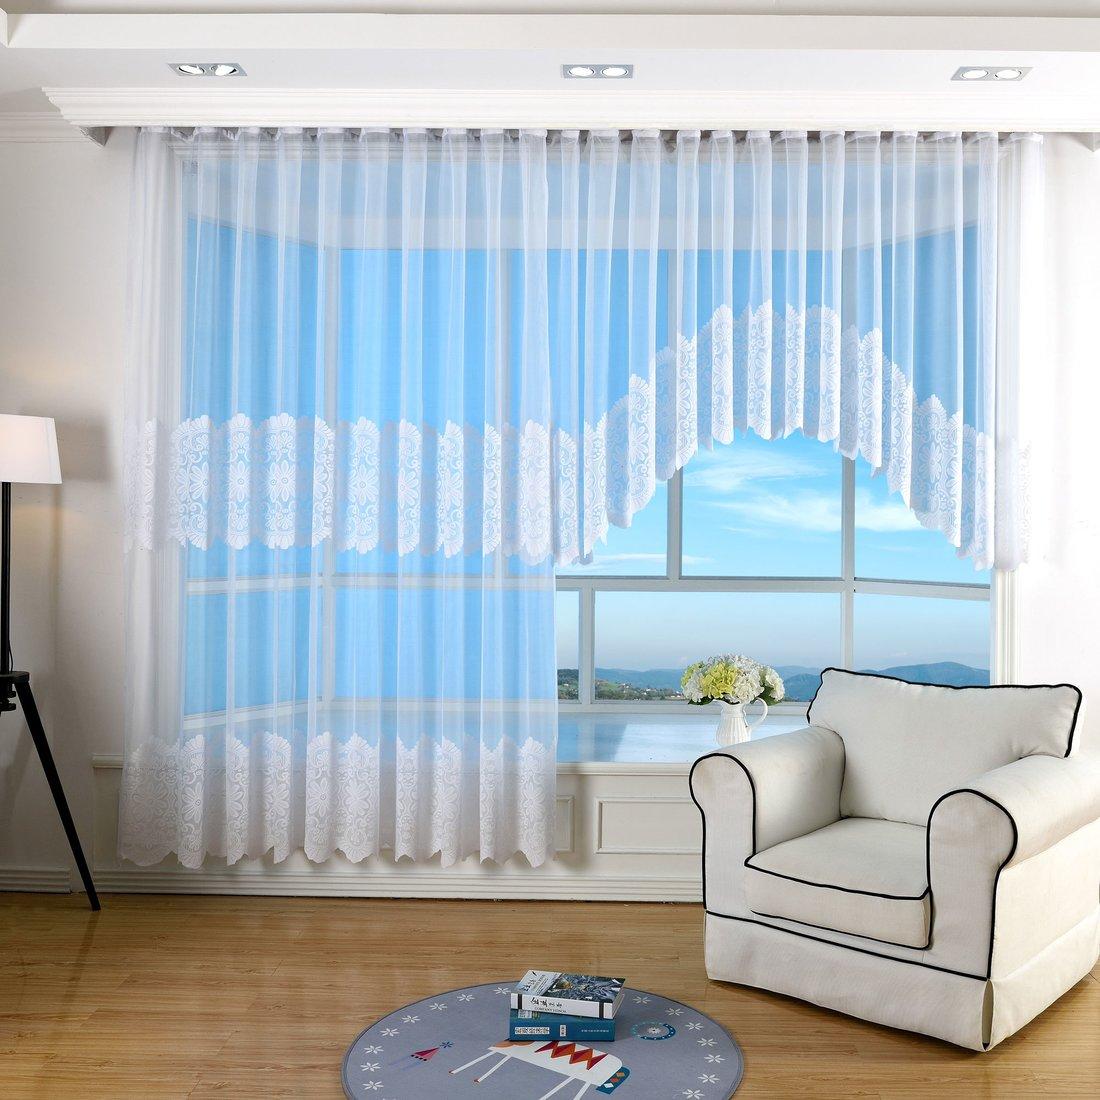 Full Size of Bogen Gardinen 13117 C Store Schlafzimmer Wohnzimmer Fenster Für Scheibengardinen Küche Bogenlampe Esstisch Die Wohnzimmer Bogen Gardinen